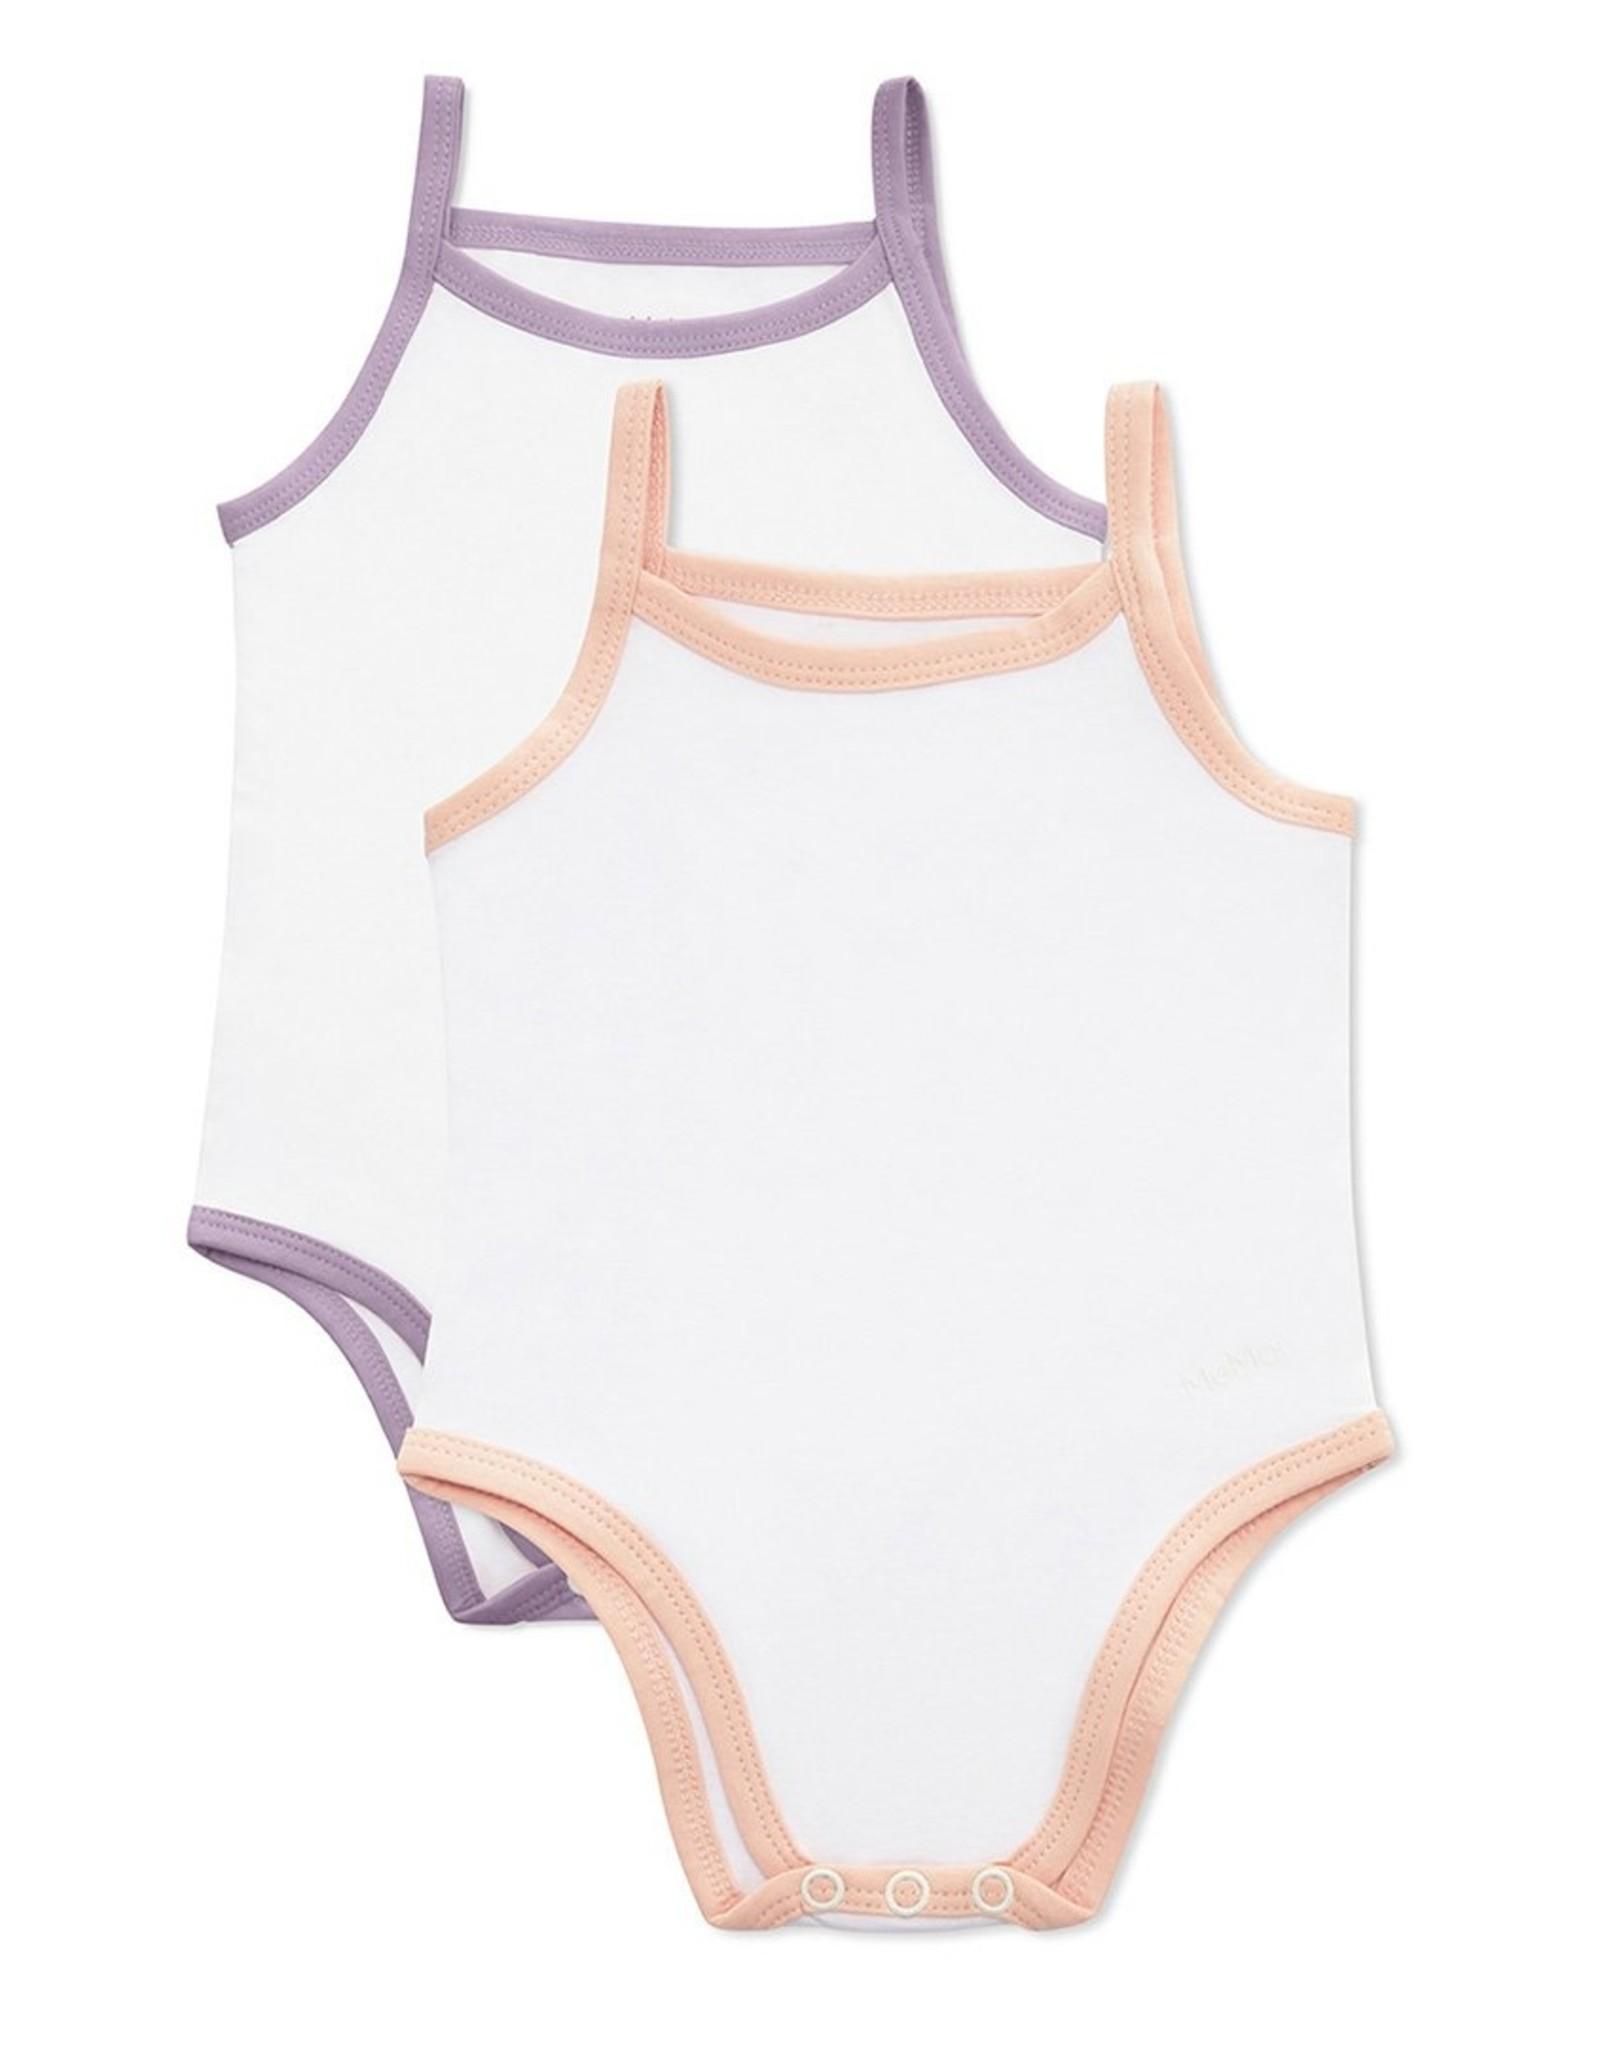 Memoi Memoi 2Pack Baby Bodysuits